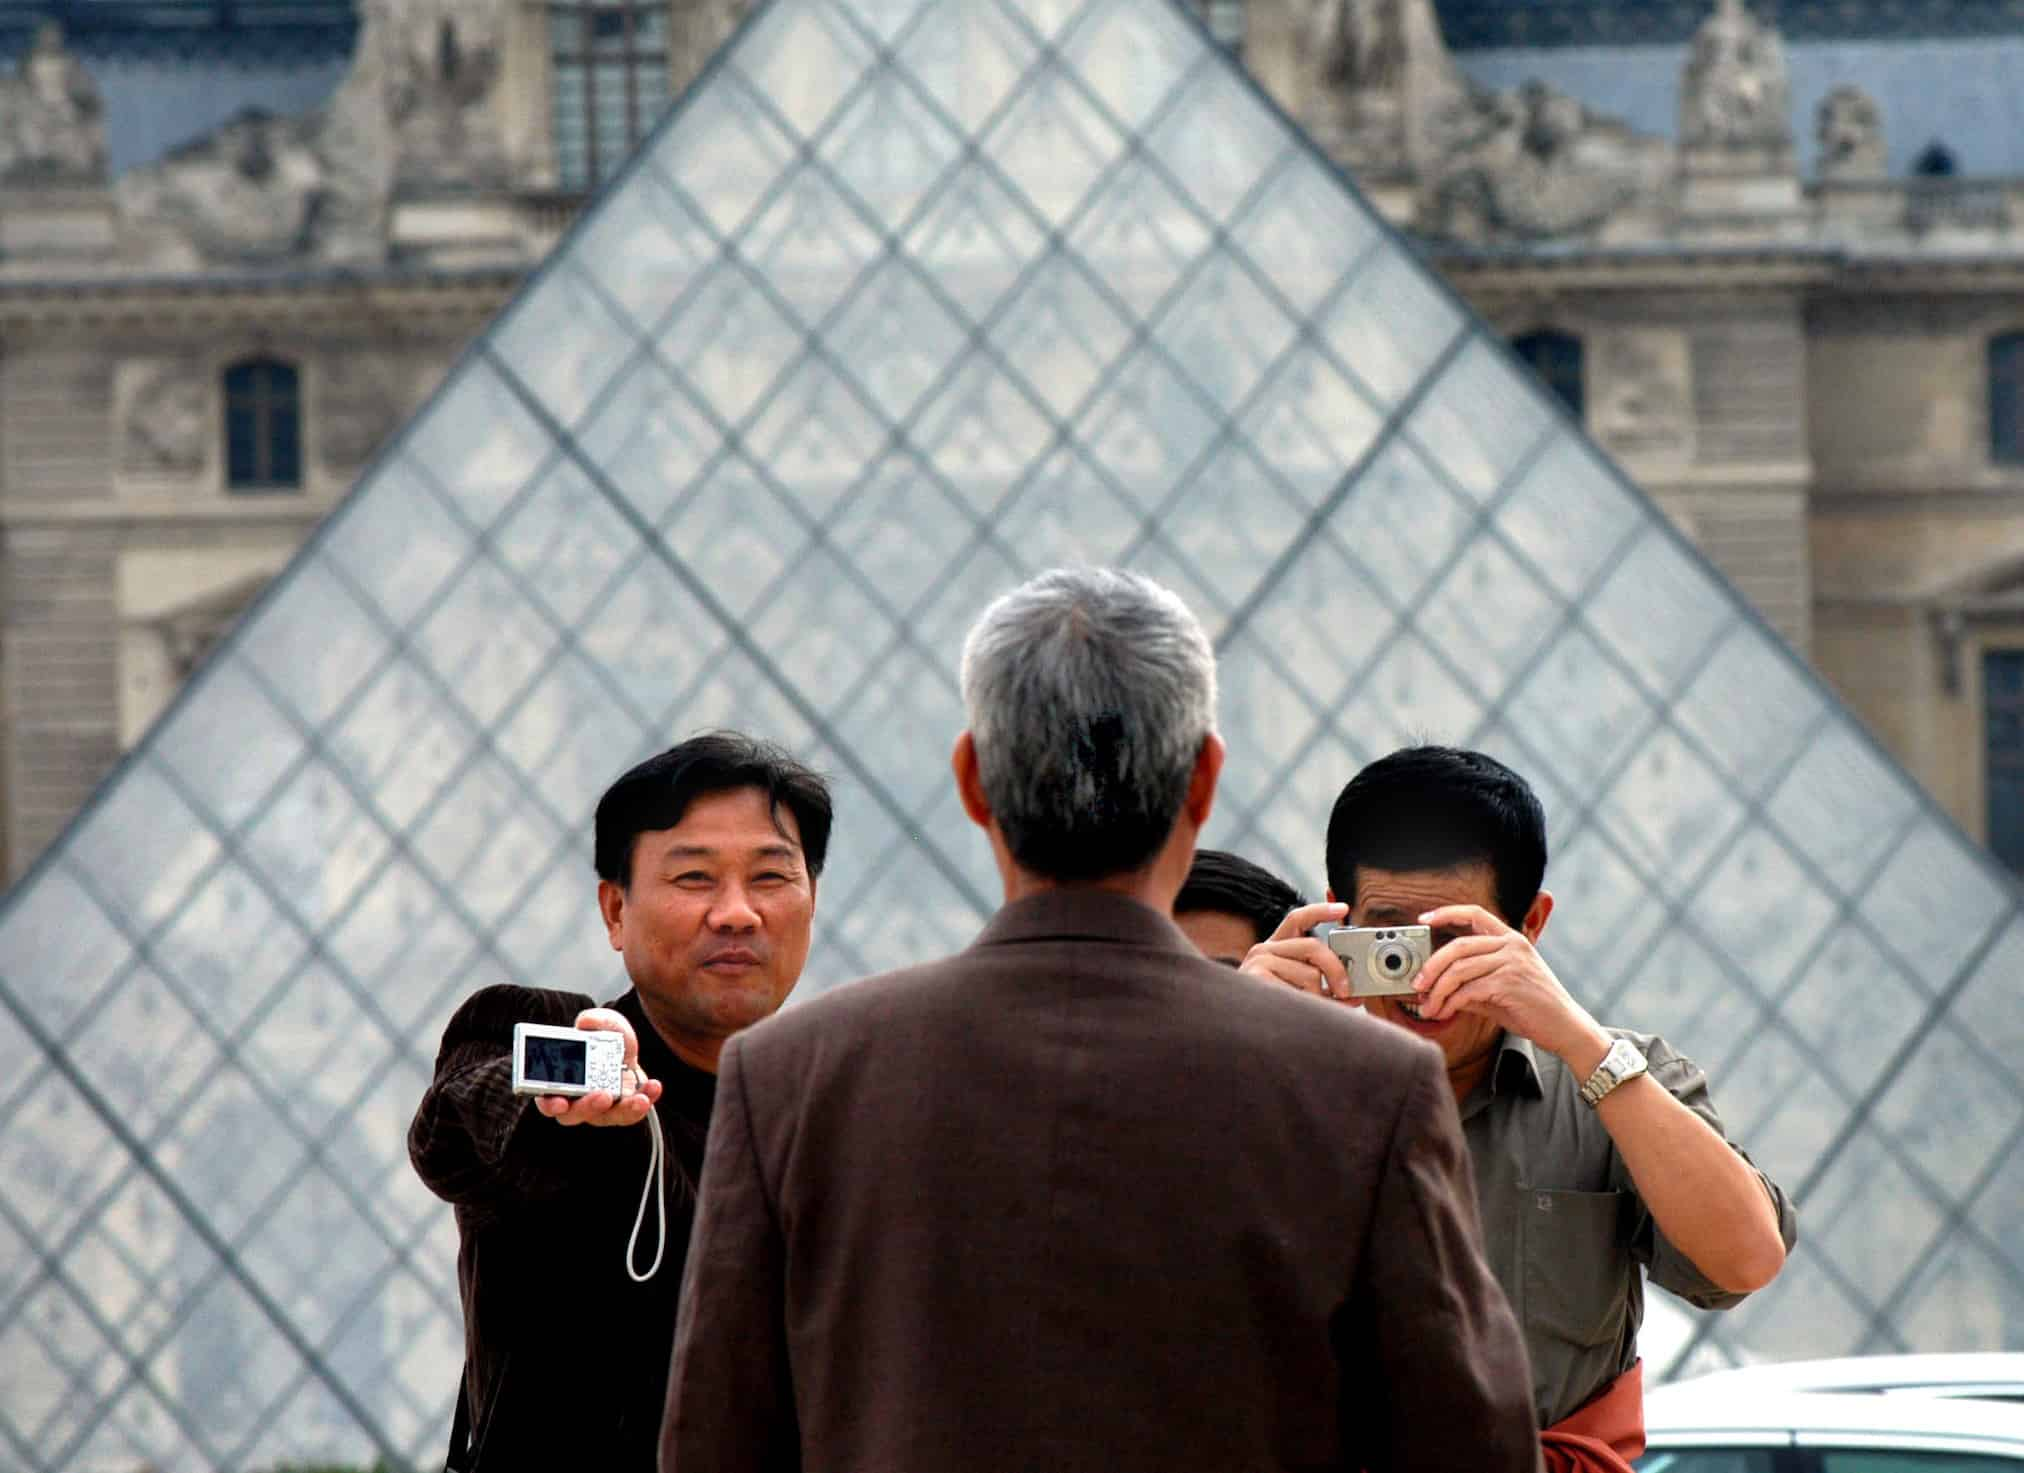 """תיירים סיניים בלובר. בשנה האחרונה יותר מ-83 מיליון תיירים סינים הוציאו יותר ממאה מיליון דולר בנסיעות לחו""""ל, מה שהופך אותם לאומה שמבזבזת הכי הרבה כסף על תיירות. צילום: """"בלומברג"""""""